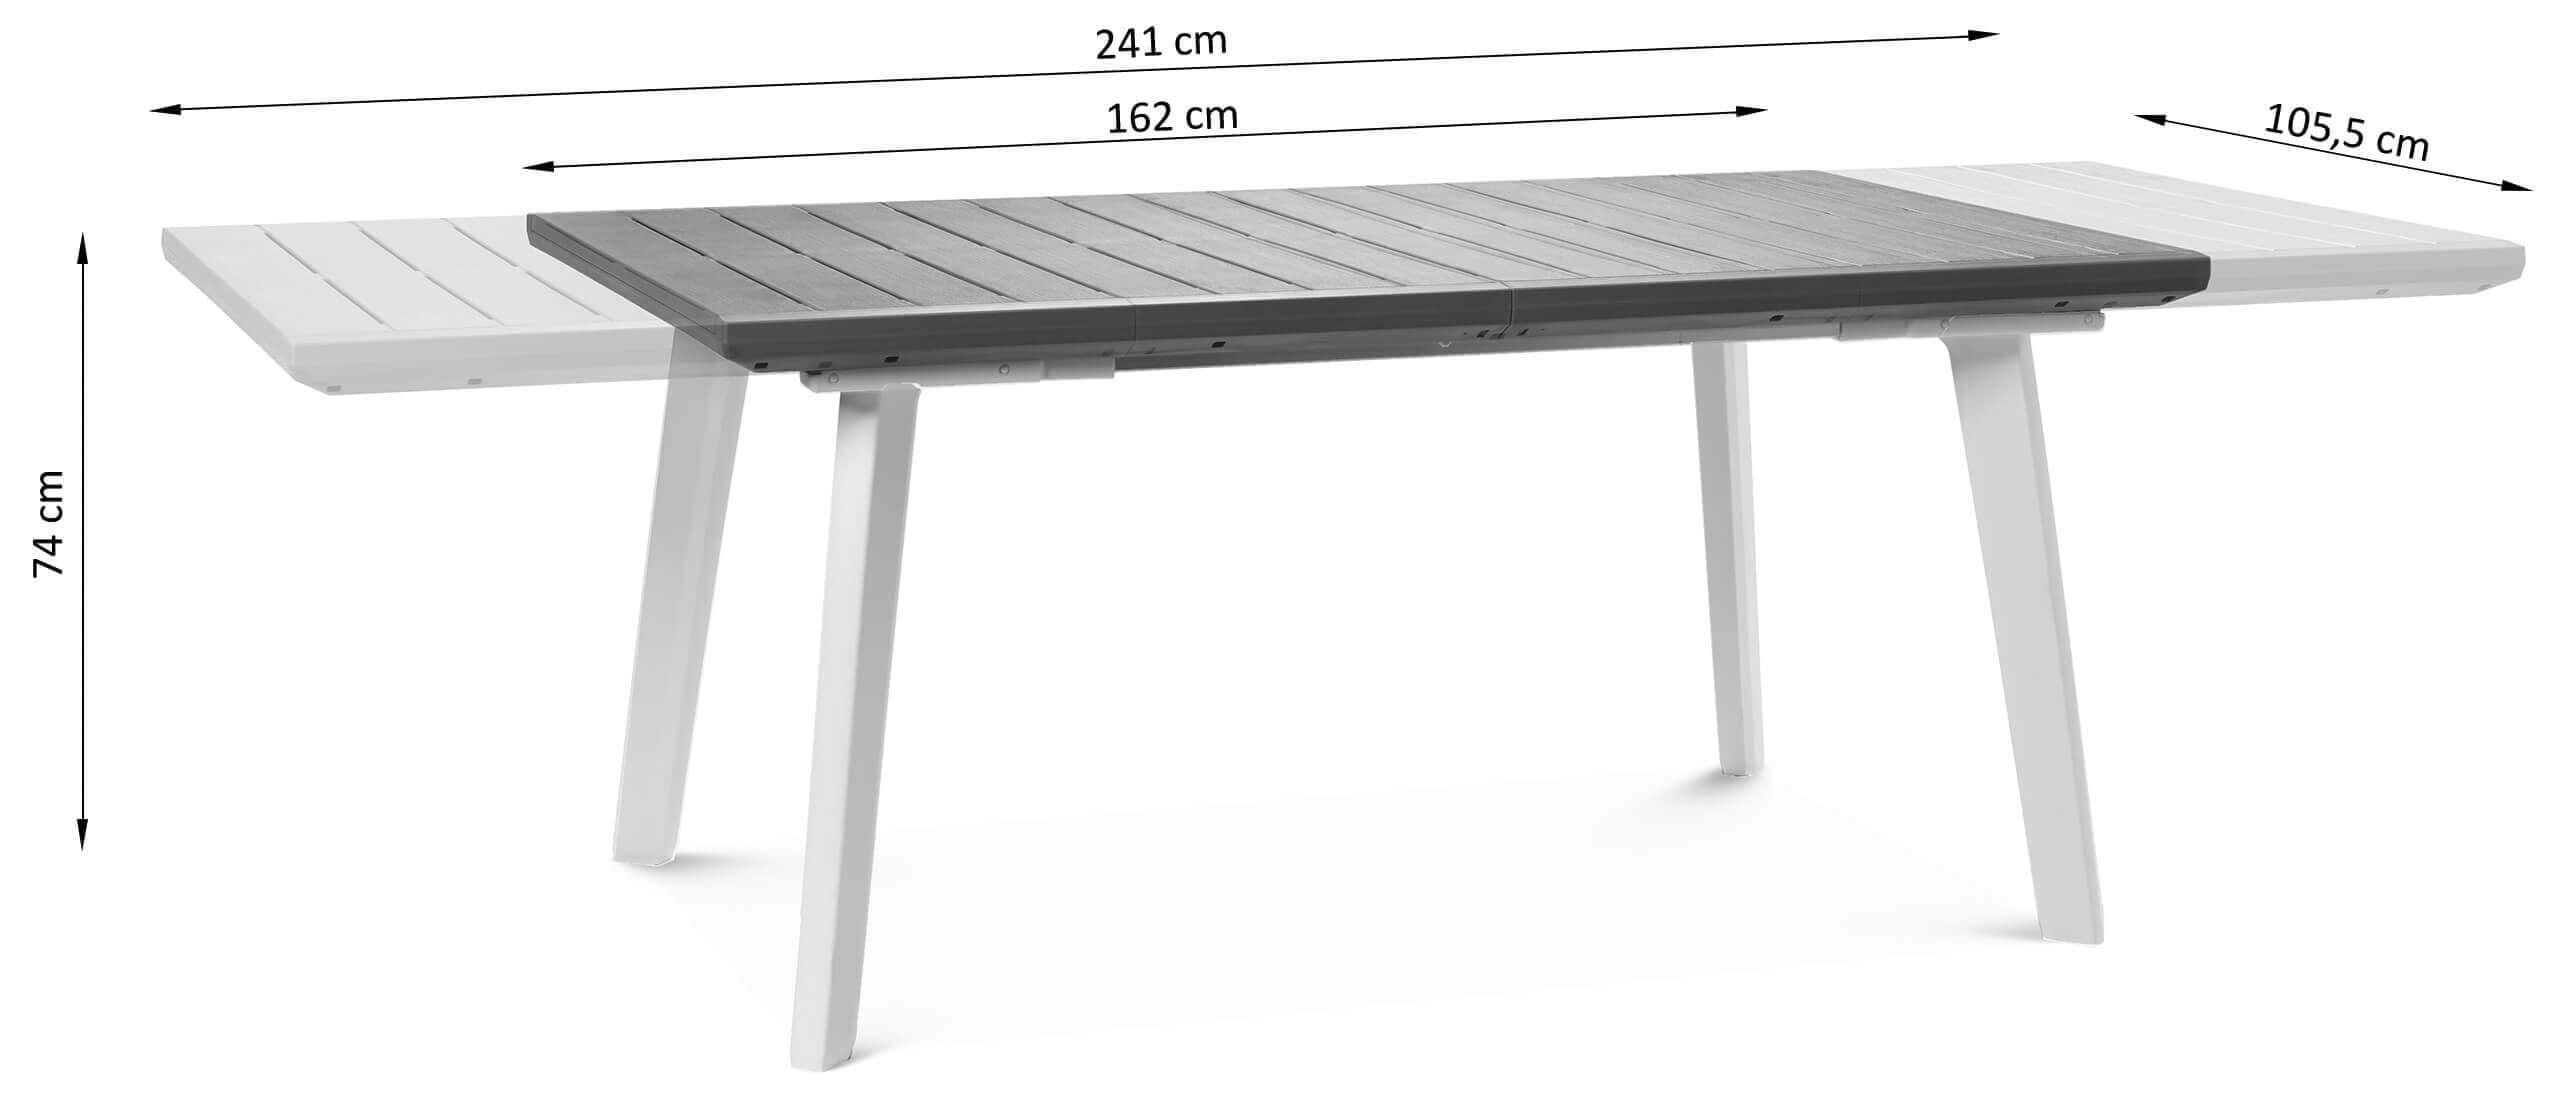 Wymiary stołu rozkładanego Torino